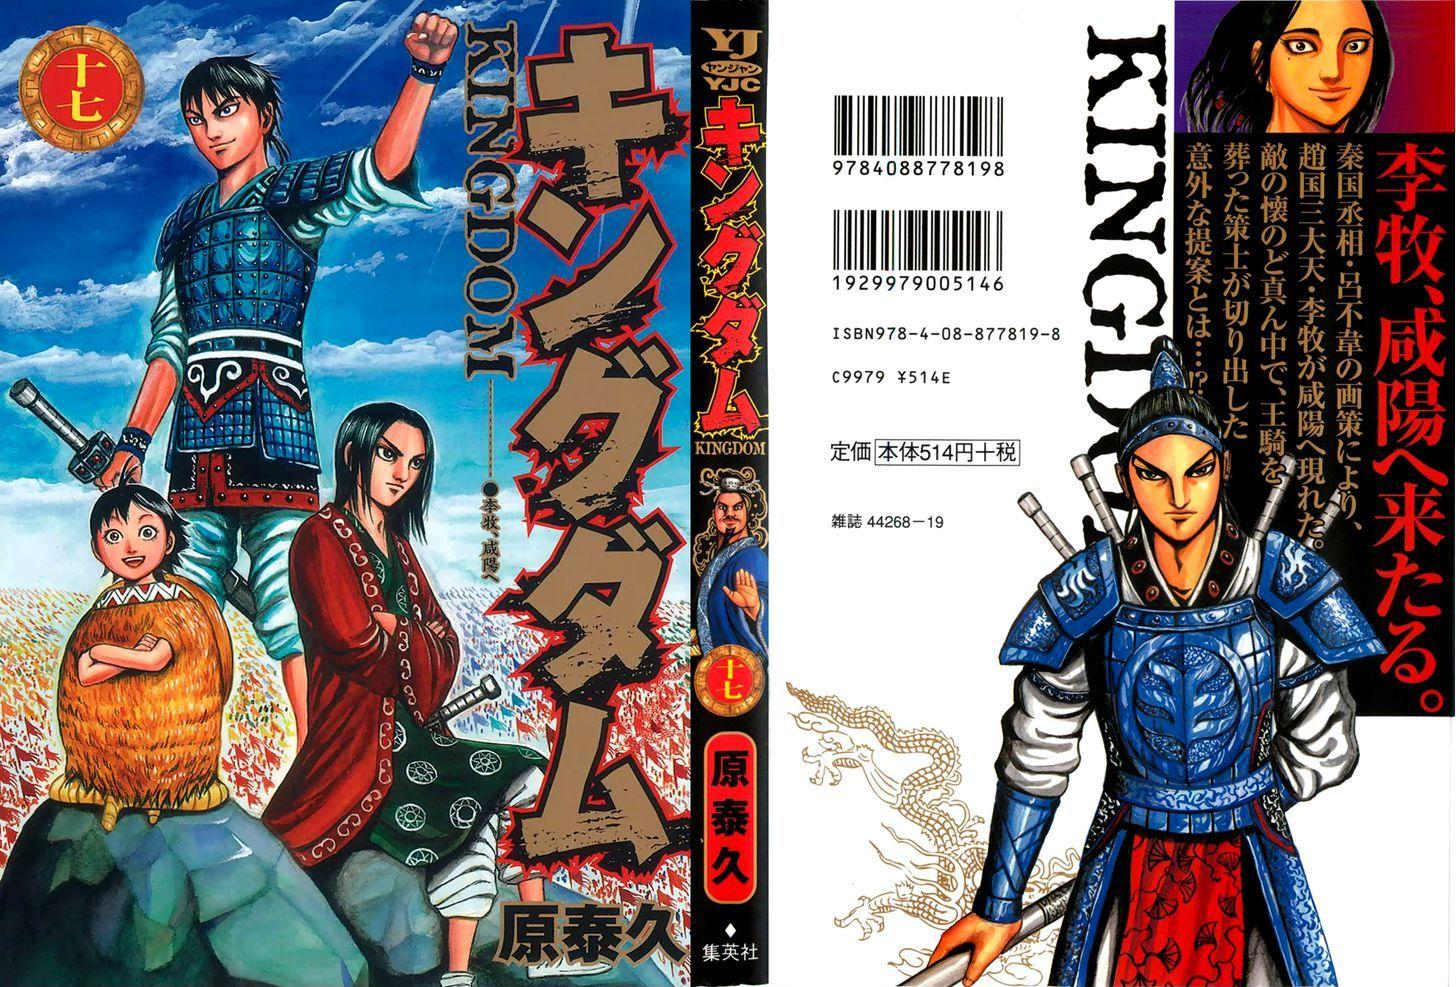 https://im.nineanime.com/comics/pic9/43/171/12965/Kingdom1740867.jpg Page 1